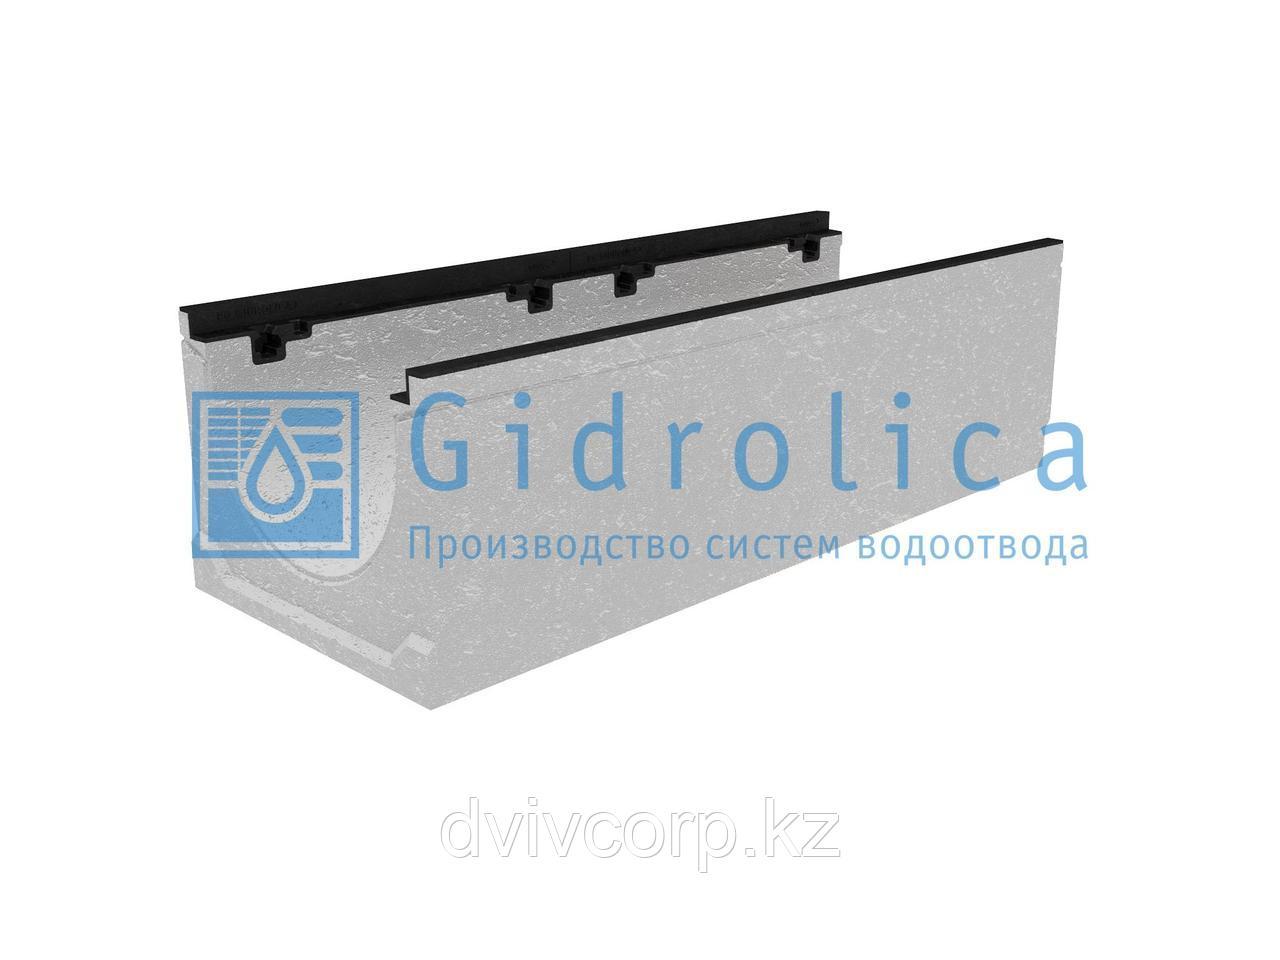 Лоток водоотводный бетонный коробчатый (СО-300мм), с чугунной насадкой  КU 100.39,9 (30).29,5(22,5) - BGZ-S, №